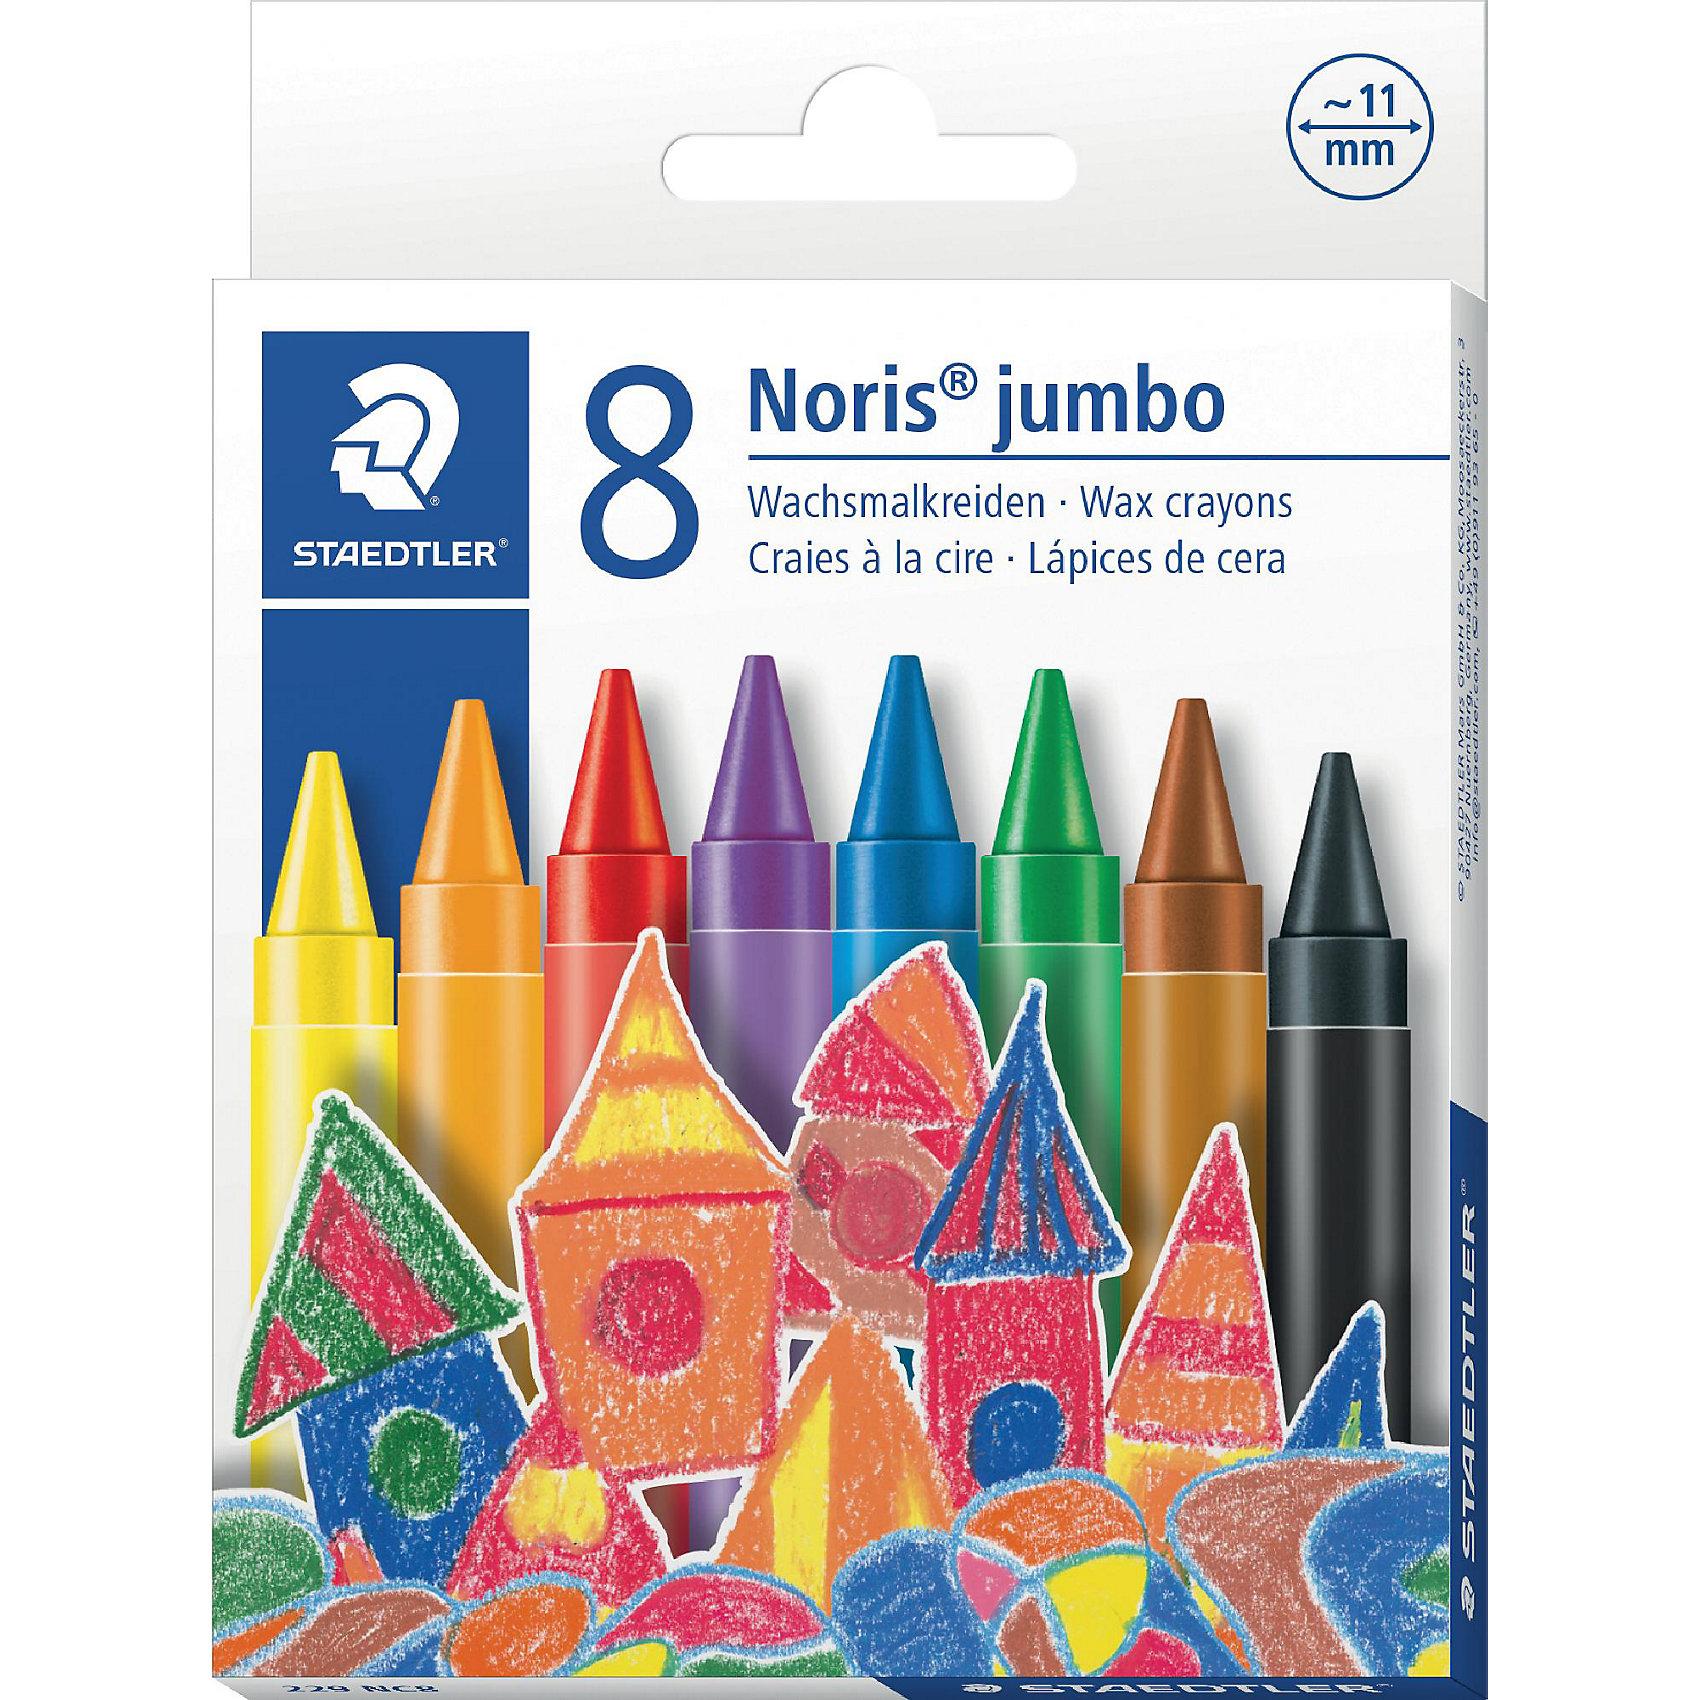 Мелок восковой Noris Club  Jumbo, 8 цветов, StaedtlerРисование<br>Мелок восковой Noris Club  Jumbo, 8 цветов, Staedtler (Штедлер).<br><br>Характеристики:<br><br>• Для детей в возрасте: от 3 лет<br>• В наборе: 8 ярких разноцветных  мелков<br>• Диаметр: 11 мм.<br>• Держатель: бумажная манжетка с полем для имени<br>• Упаковка: картонная коробка с европодвесом<br>• Размер упаковки: 120х94х12 мм.<br>• Вес:74 гр.<br><br>Набор восковых мелков Noris Club Jumbo непременно, понравится вашему юному художнику. В наборе 8 ярких мелков. Мелки разработаны специально для маленьких детей. Изготовлены с использованием натурального пчелиного воска. Идеальны для раскрашивания больших поверхностей. Высокая устойчивость к поломке. Бумажная манжетка позволяет удобно держать мелок и не пачкать руки.<br><br>Мелок восковой Noris Club  Jumbo, 8 цветов, Staedtler (Штедлер) можно купить в нашем интернет-магазине.<br><br>Ширина мм: 125<br>Глубина мм: 140<br>Высота мм: 120<br>Вес г: 850<br>Возраст от месяцев: 36<br>Возраст до месяцев: 2147483647<br>Пол: Унисекс<br>Возраст: Детский<br>SKU: 5529988